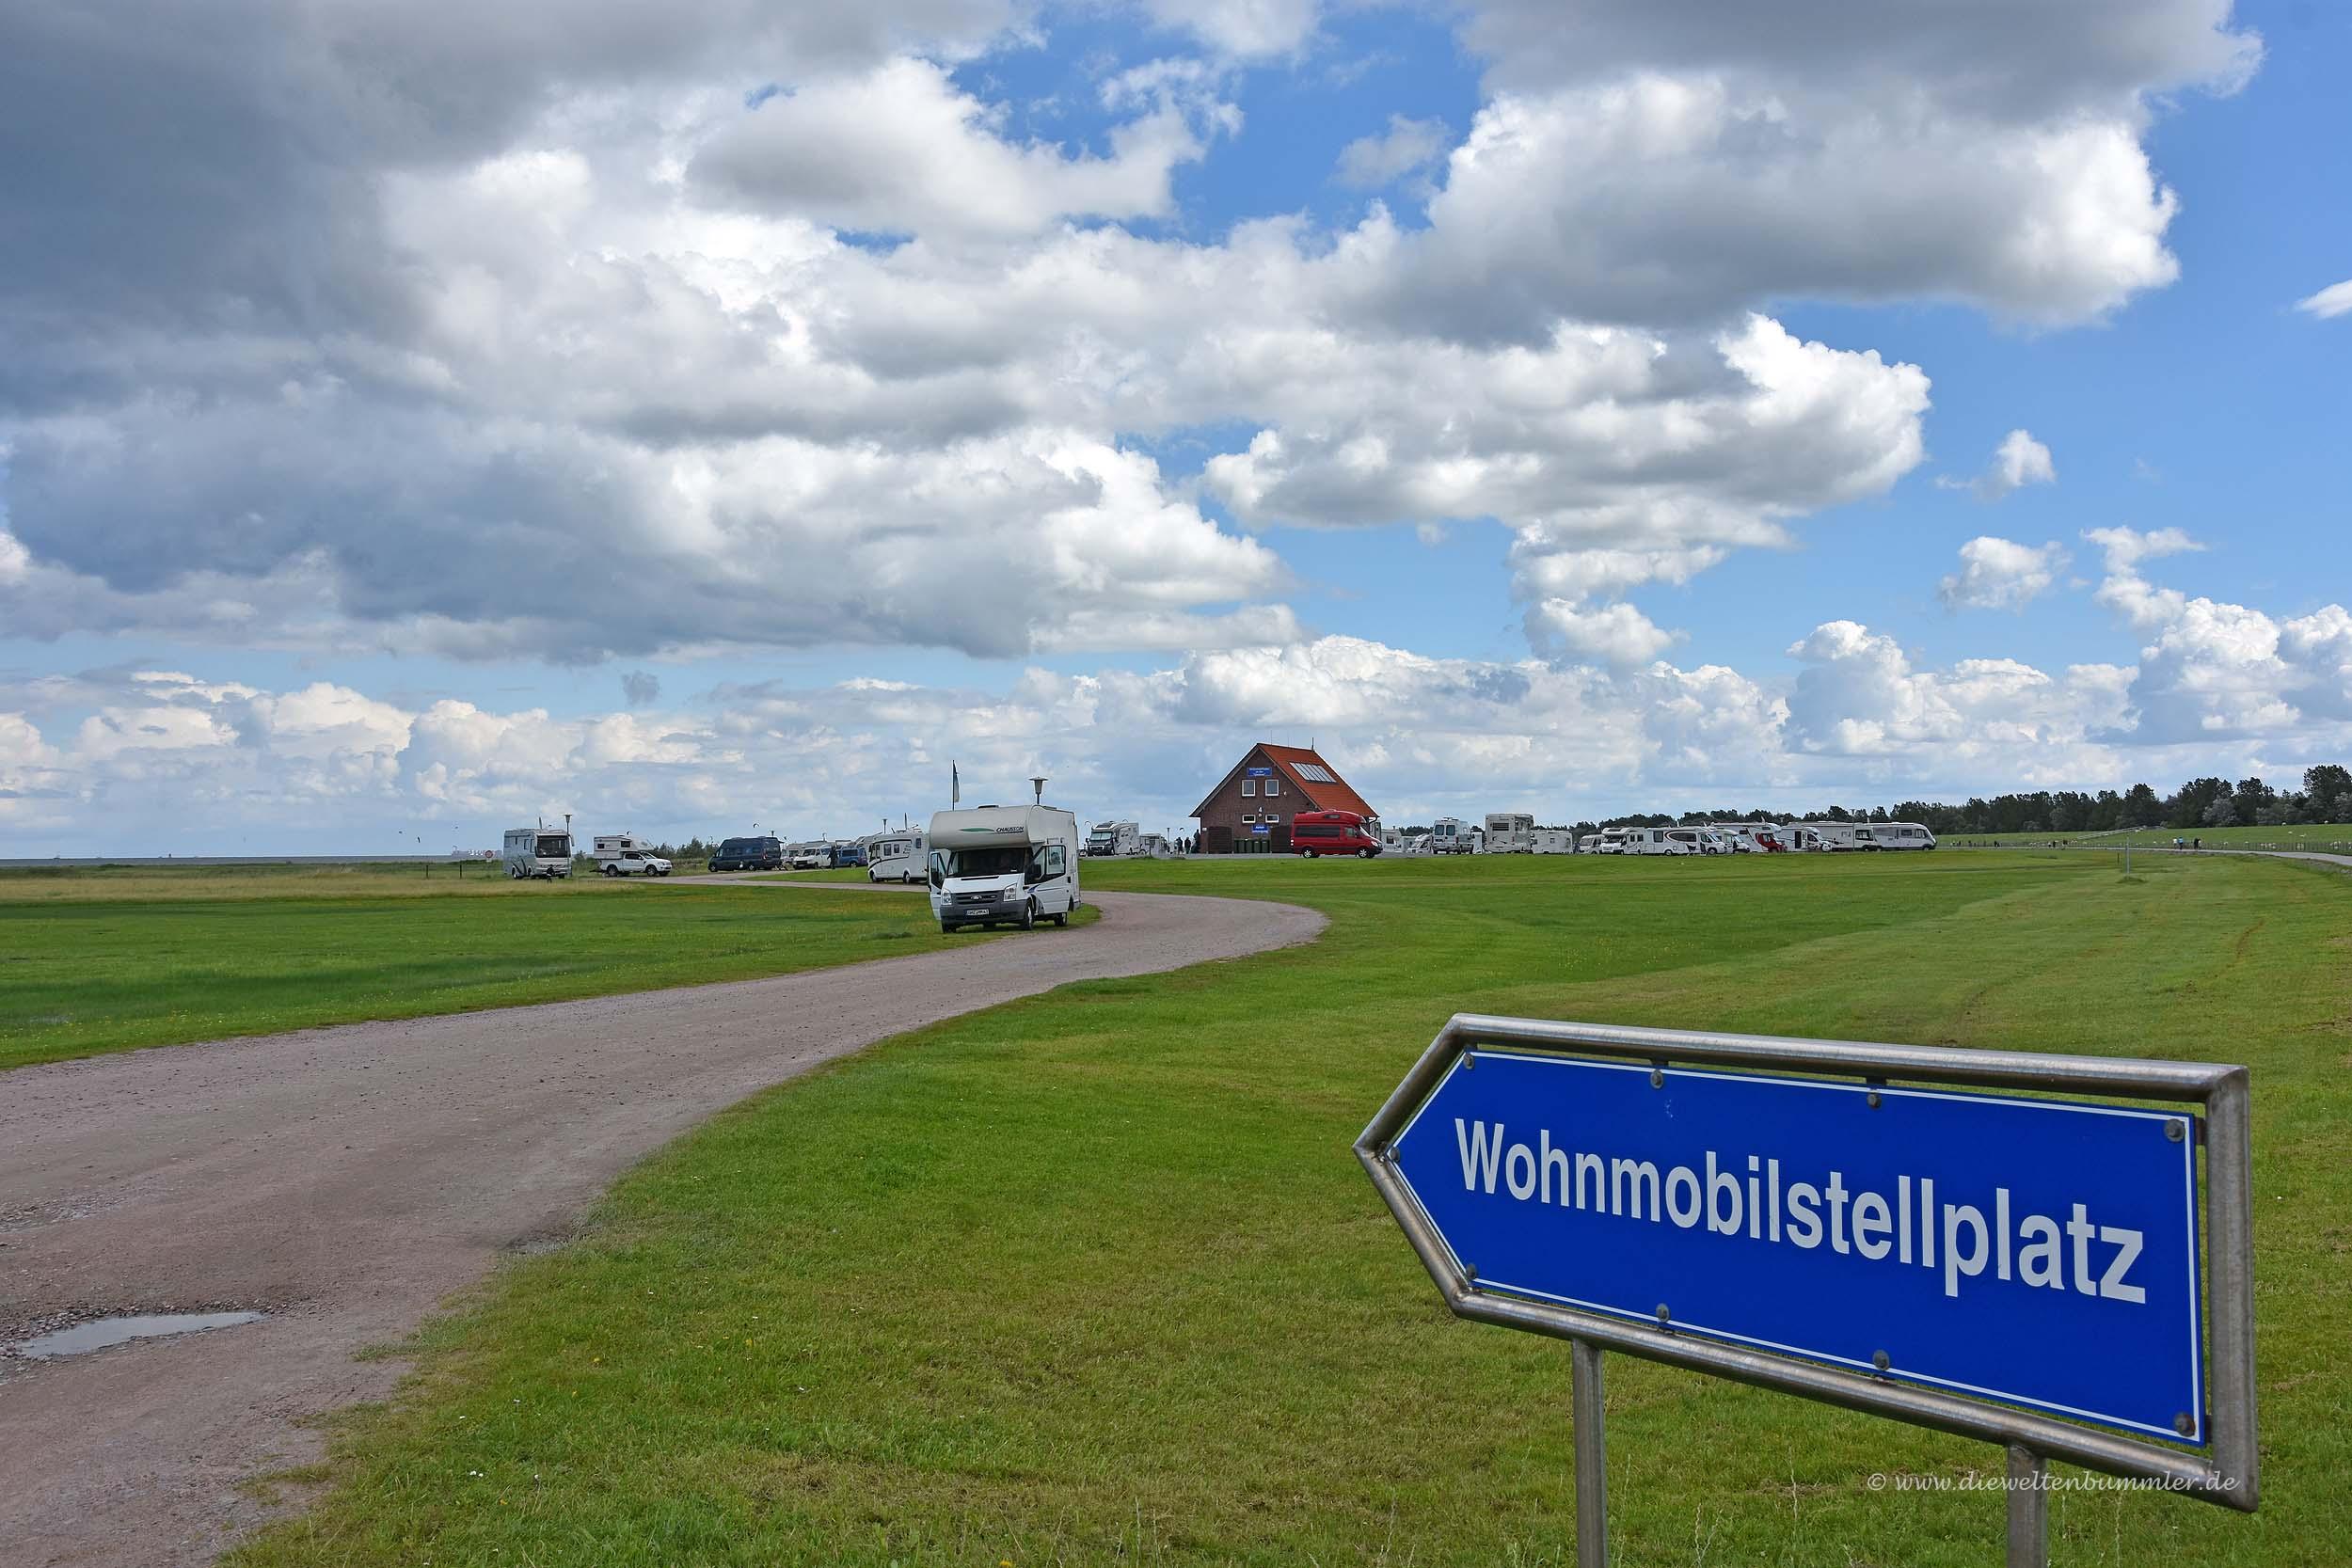 Wohnmobilstellplatz in Hooksiel